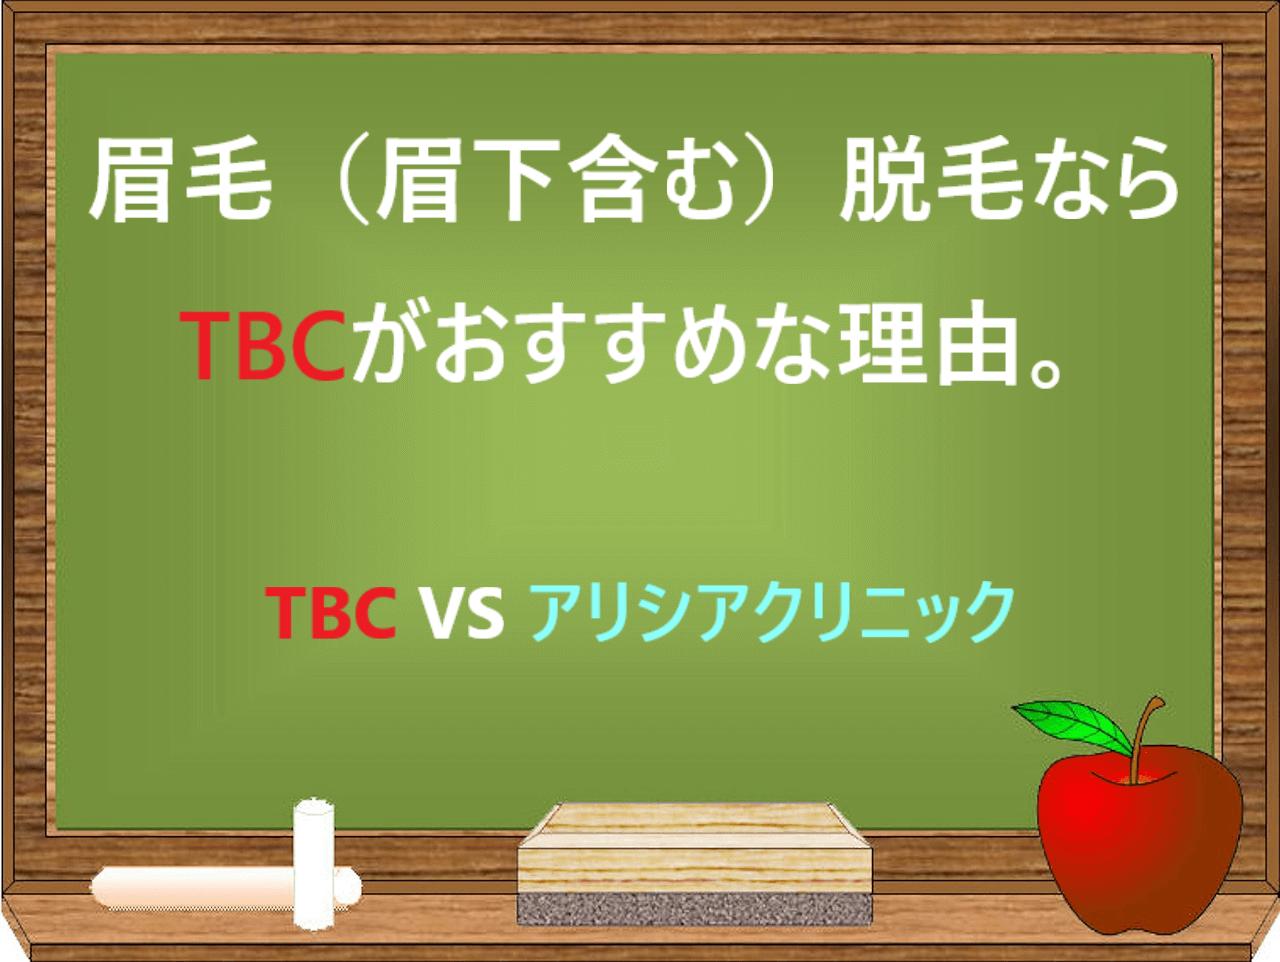 眉毛(眉下含む)脱毛ならTBCがおすすめな理由。TBC VS アリシアクリニックと黒板に書かれた画像